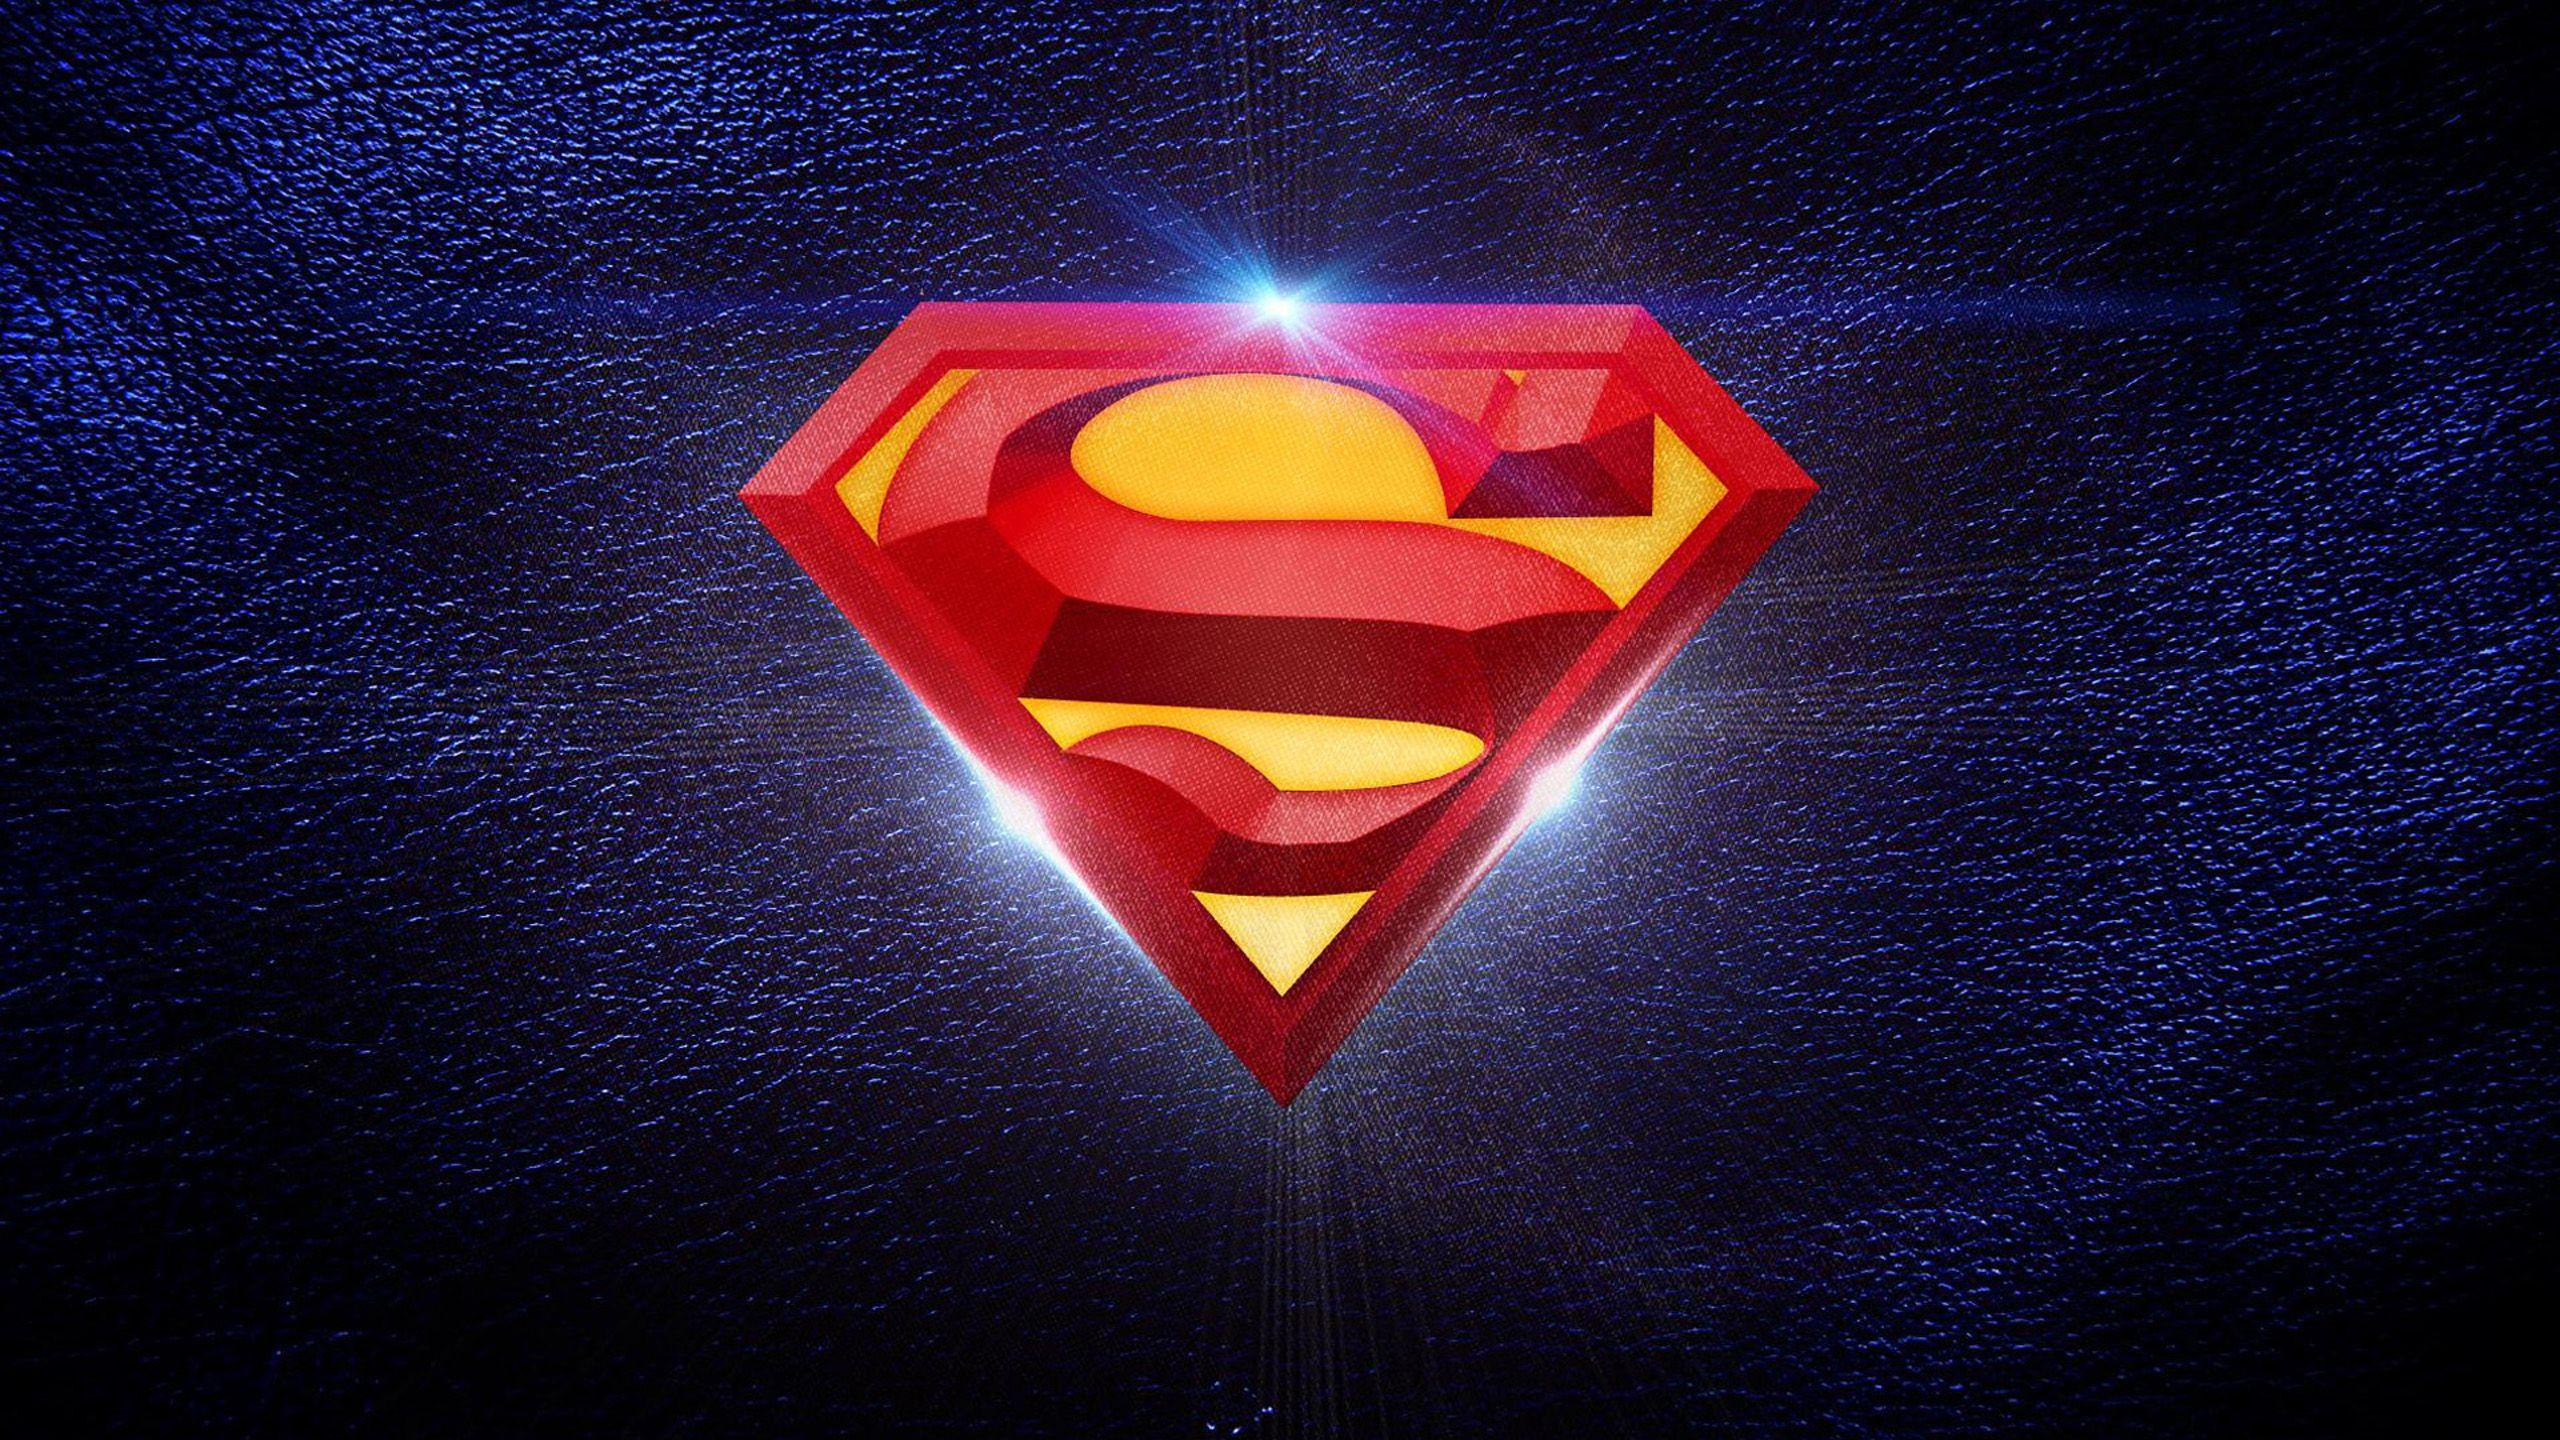 Картинки супермен для телефона